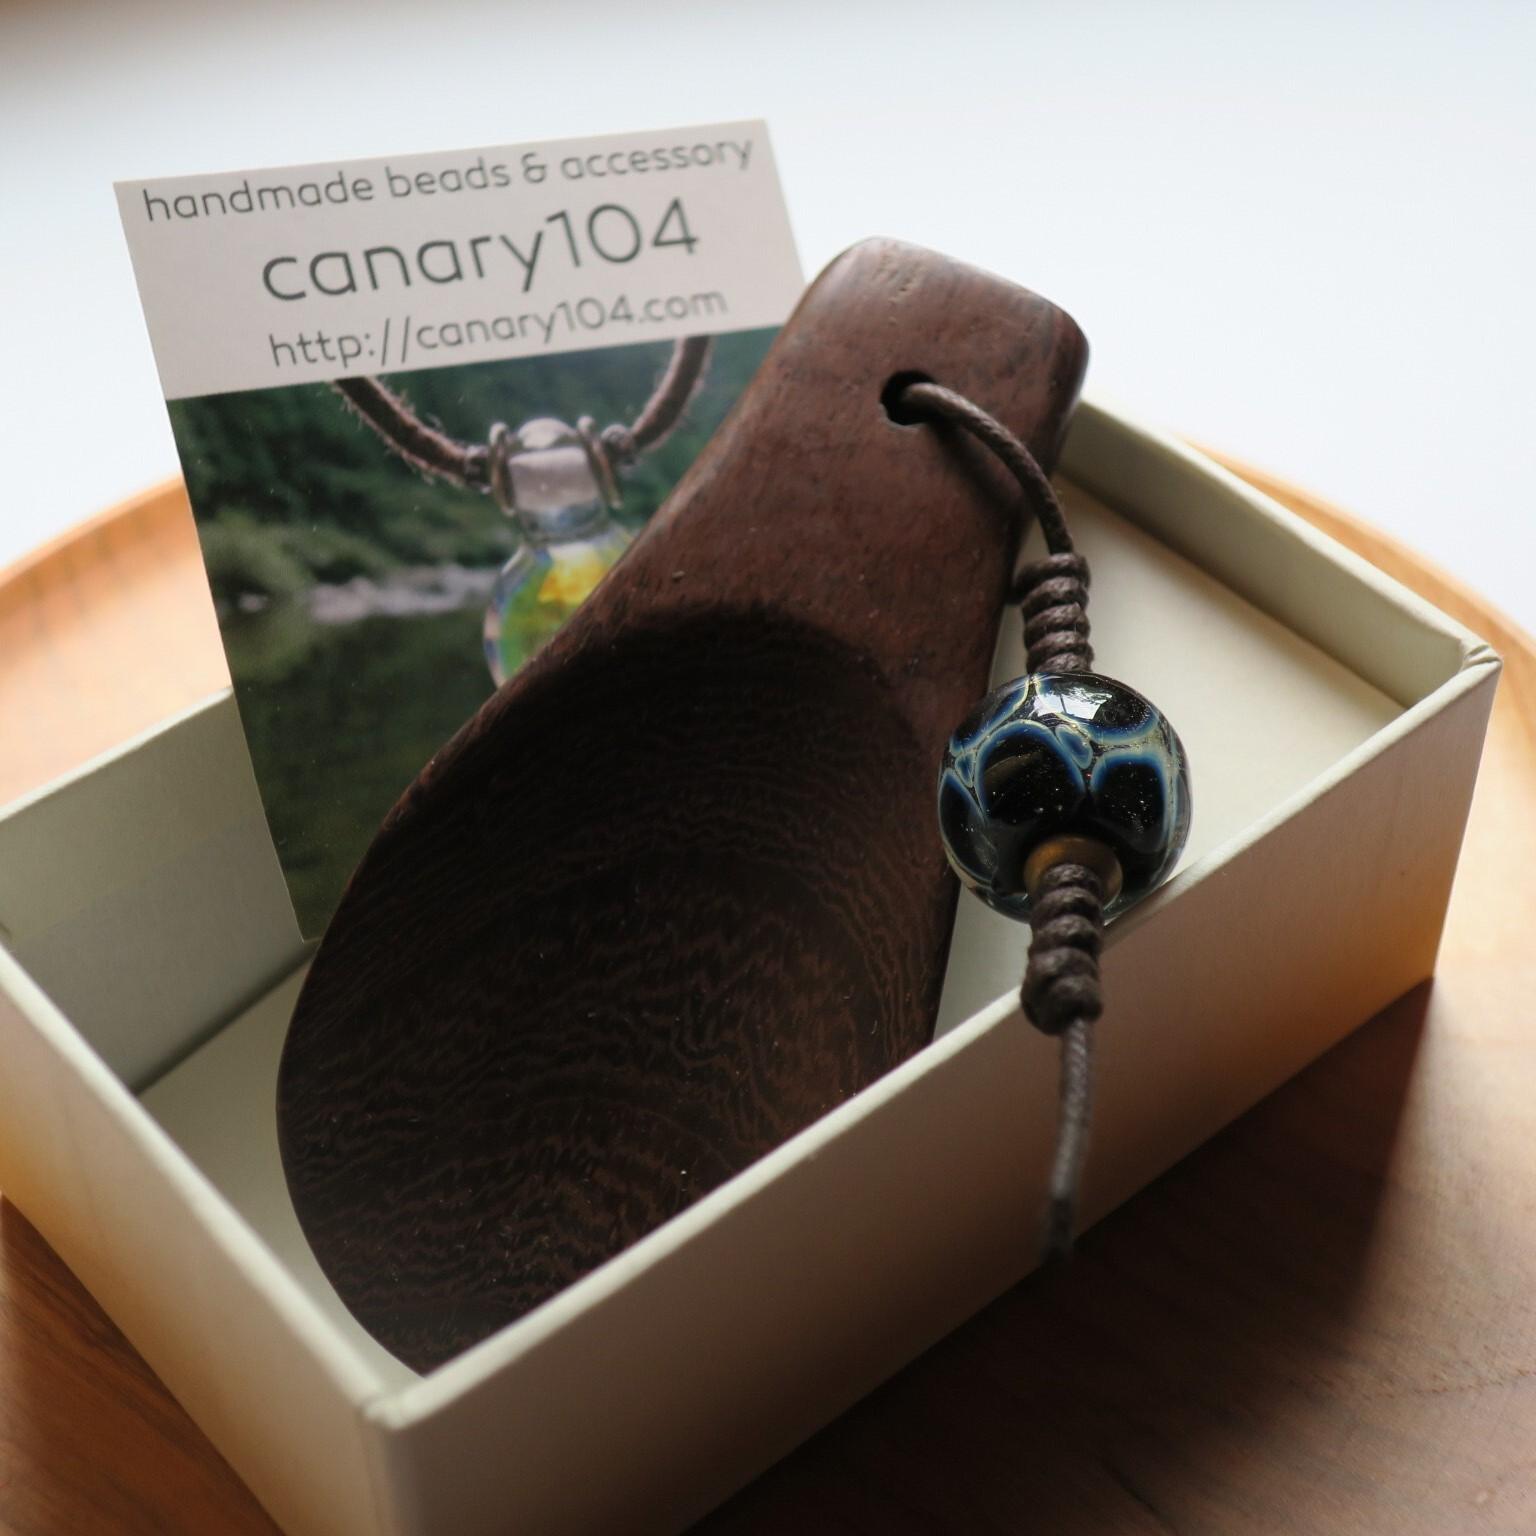 【静岡】canary104   handmade glass beads and accessories